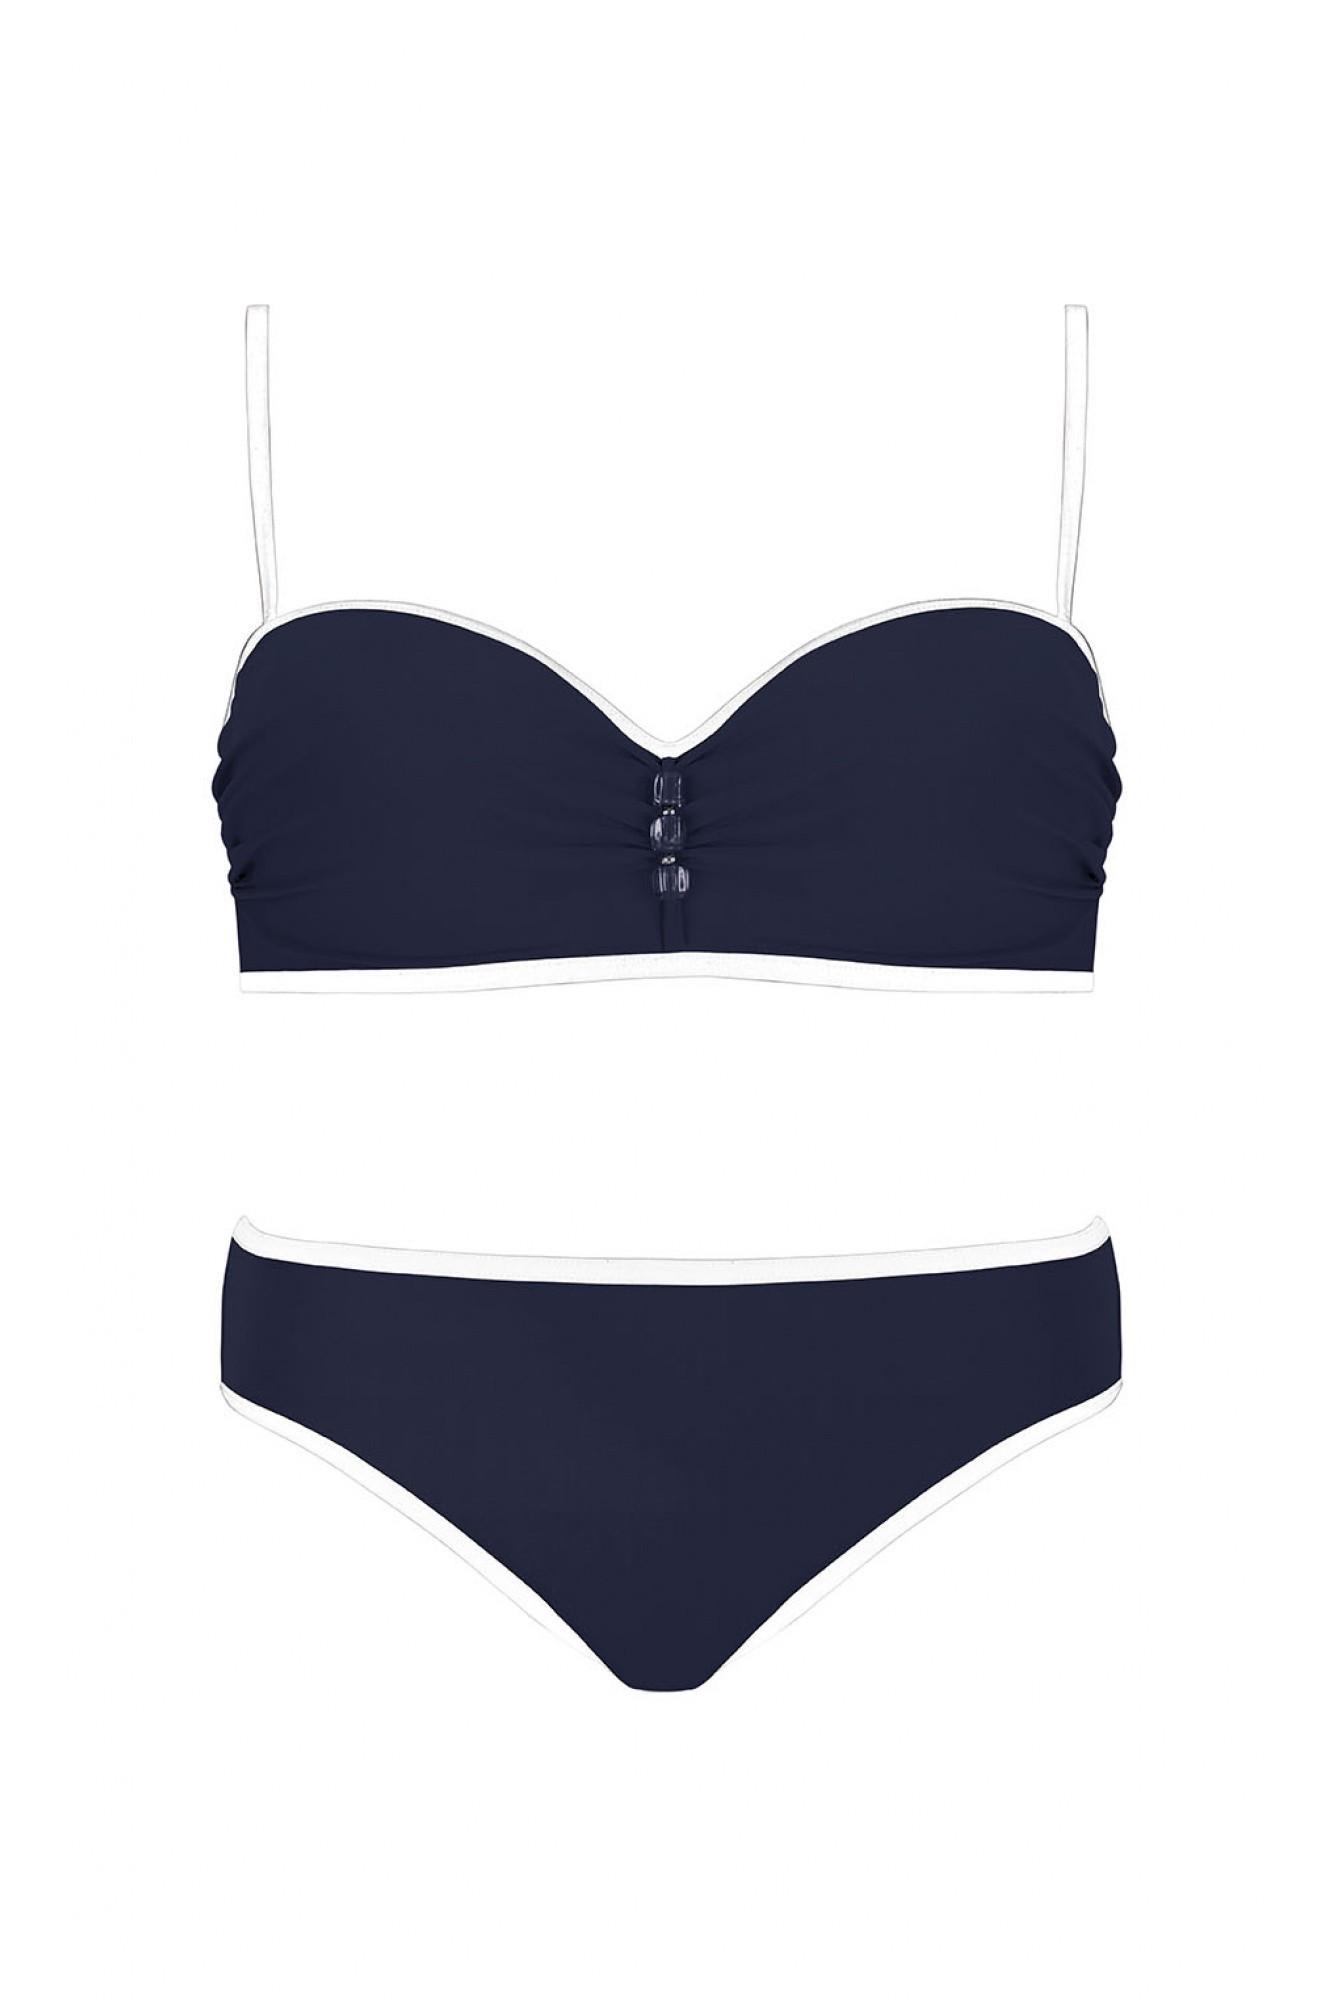 Dámské dvoudílné plavky Self 7300X3 Barva: granátová, Velikost: 44D